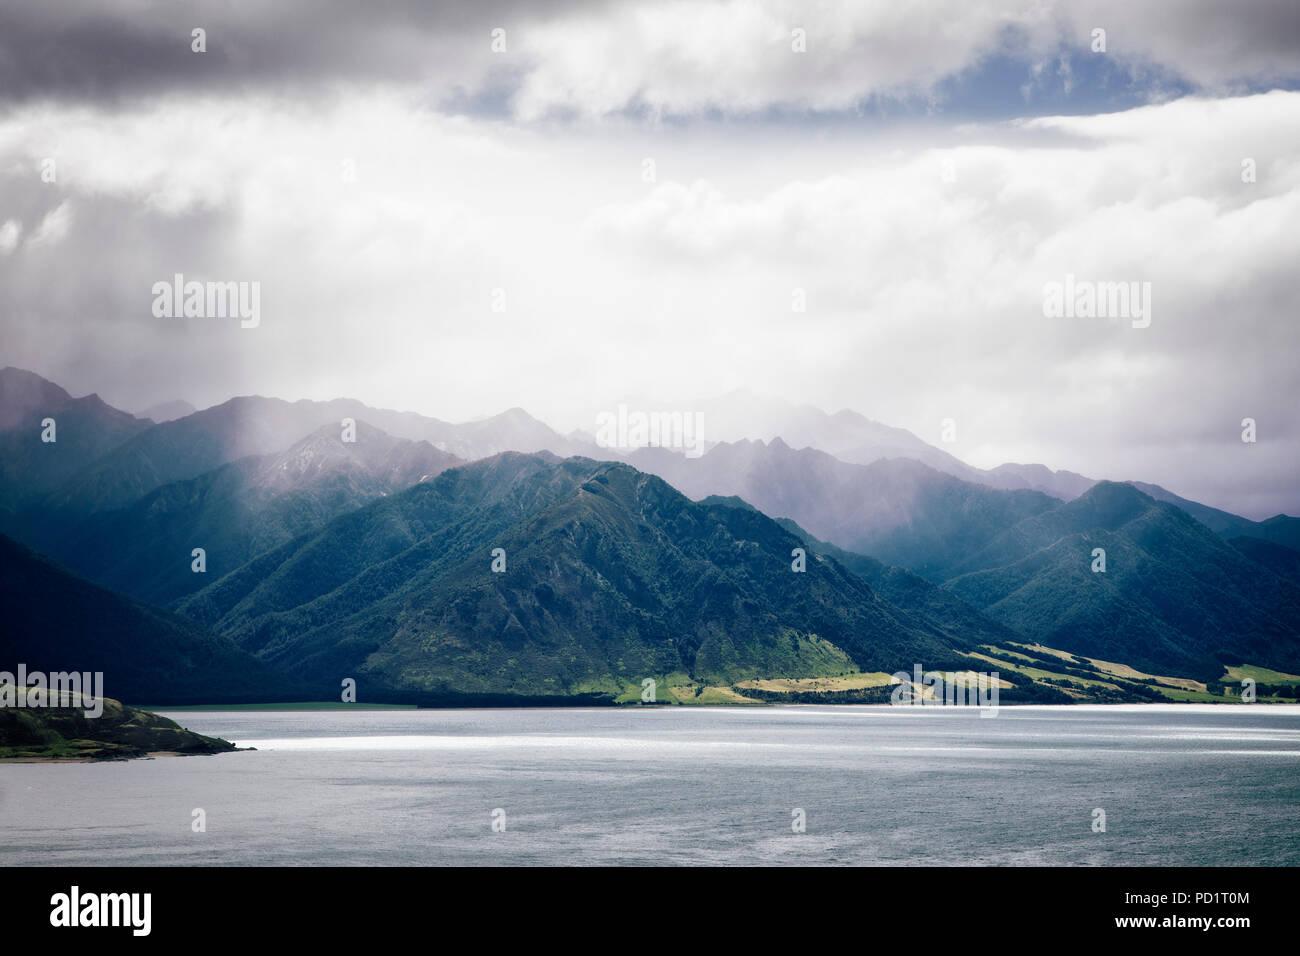 Nuages et soleil sur le lac Hawea, île du Sud, Nouvelle-Zélande. Photo Stock